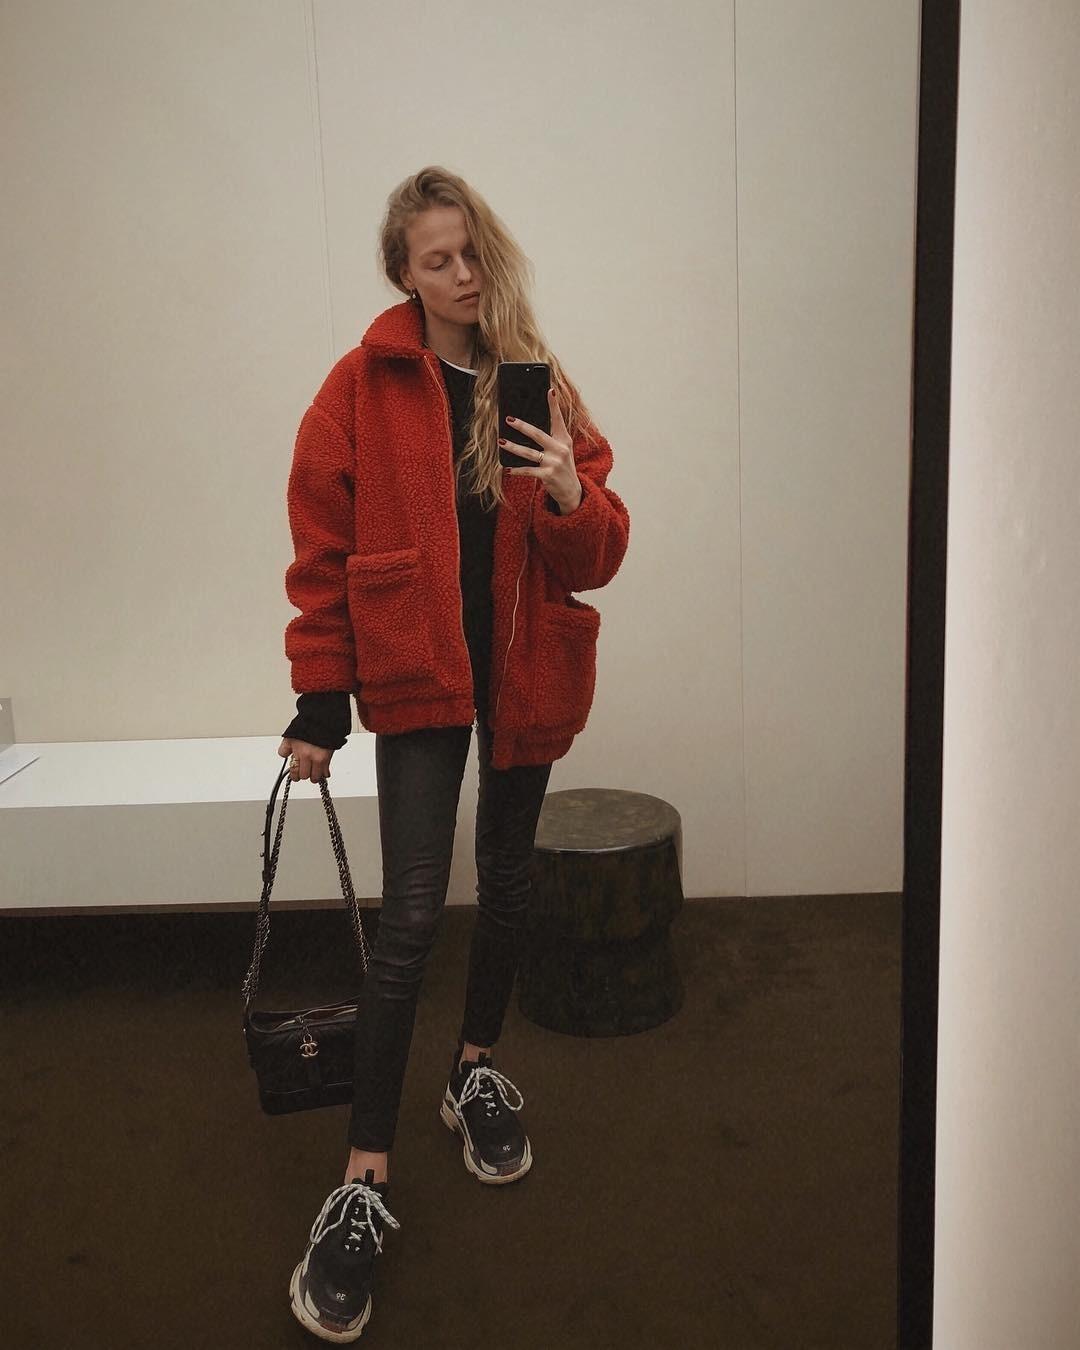 Черные джинсы-скинни идеально подойдут к мягкому уютному плюшевому пальто, в которое так и хочется окунуться. Сумочка на цепочке и все те же кроссовки идеально дополнят лук.